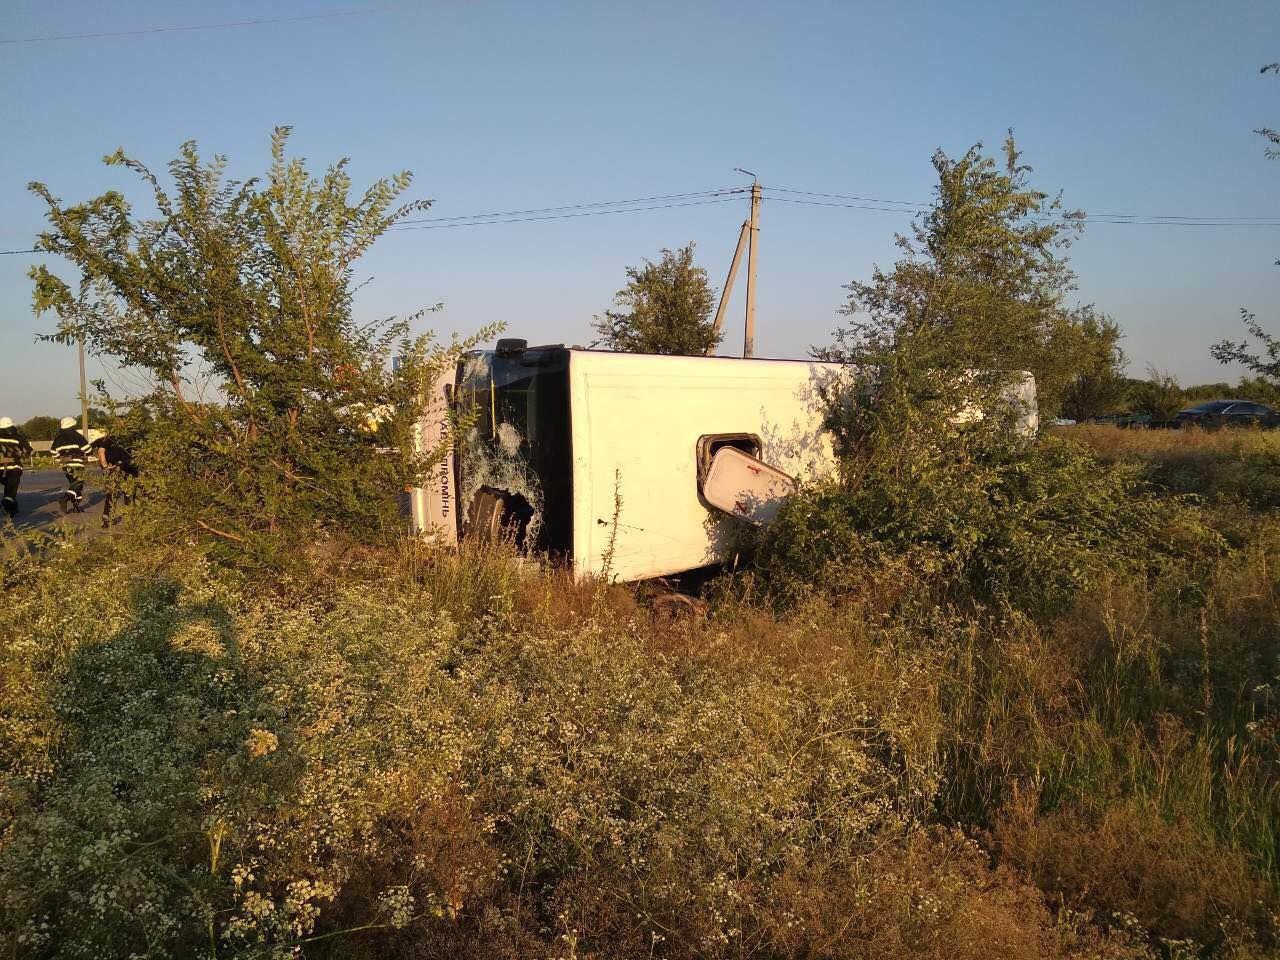 На Днепропетровщине столкнулись иномарка и рейсовый автобус: есть погибшие,  - ФОТО, фото-2